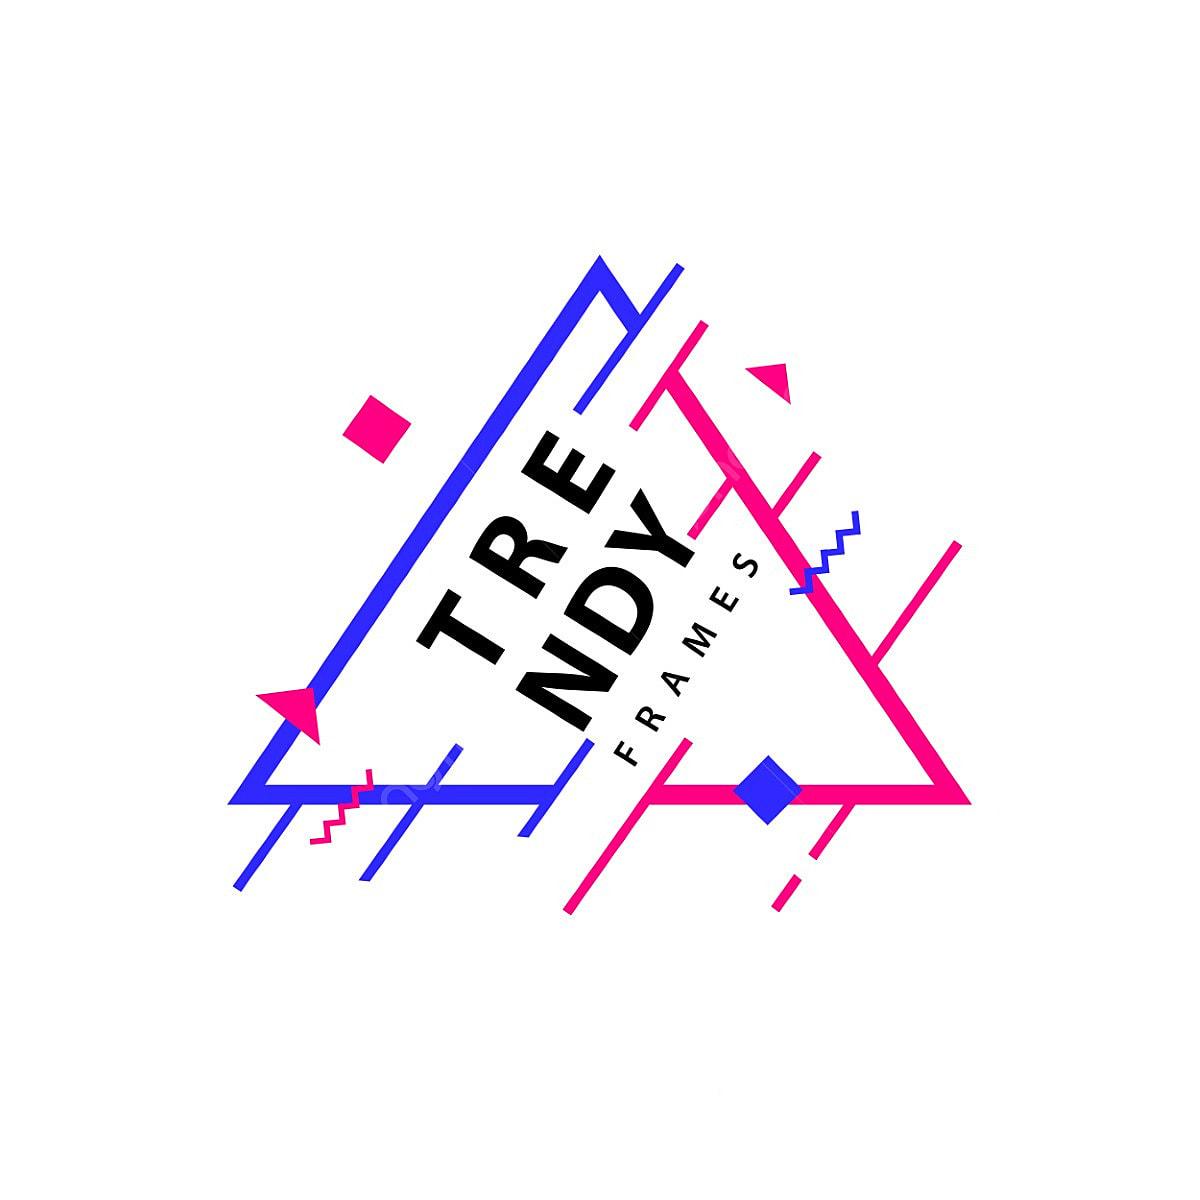 إطارات ذات خطوط هندسية متجهة للحدود مع قوالب تصميم رسومات بالأشكال العصرية لبطاقات ملصقات النشرات فريم قالب الخلفية Png والمتجهات للتحميل مجانا